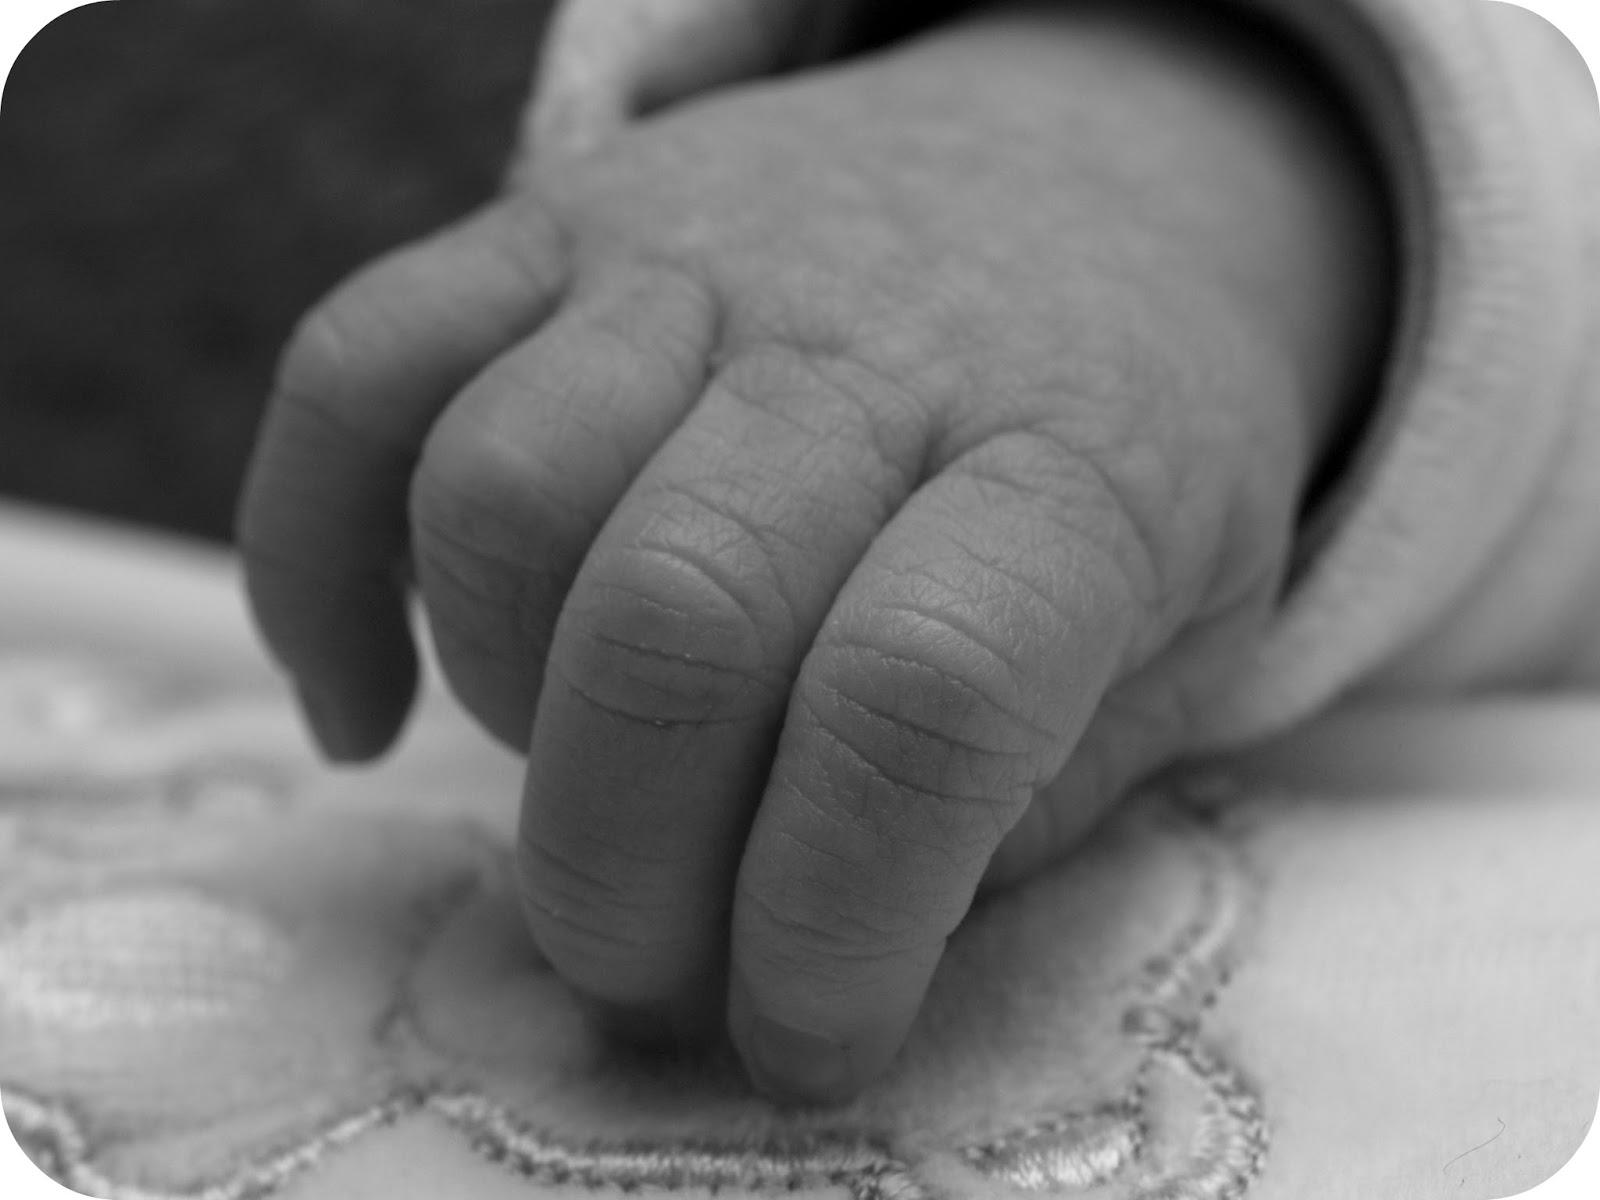 Baby hand - rgbstock.com